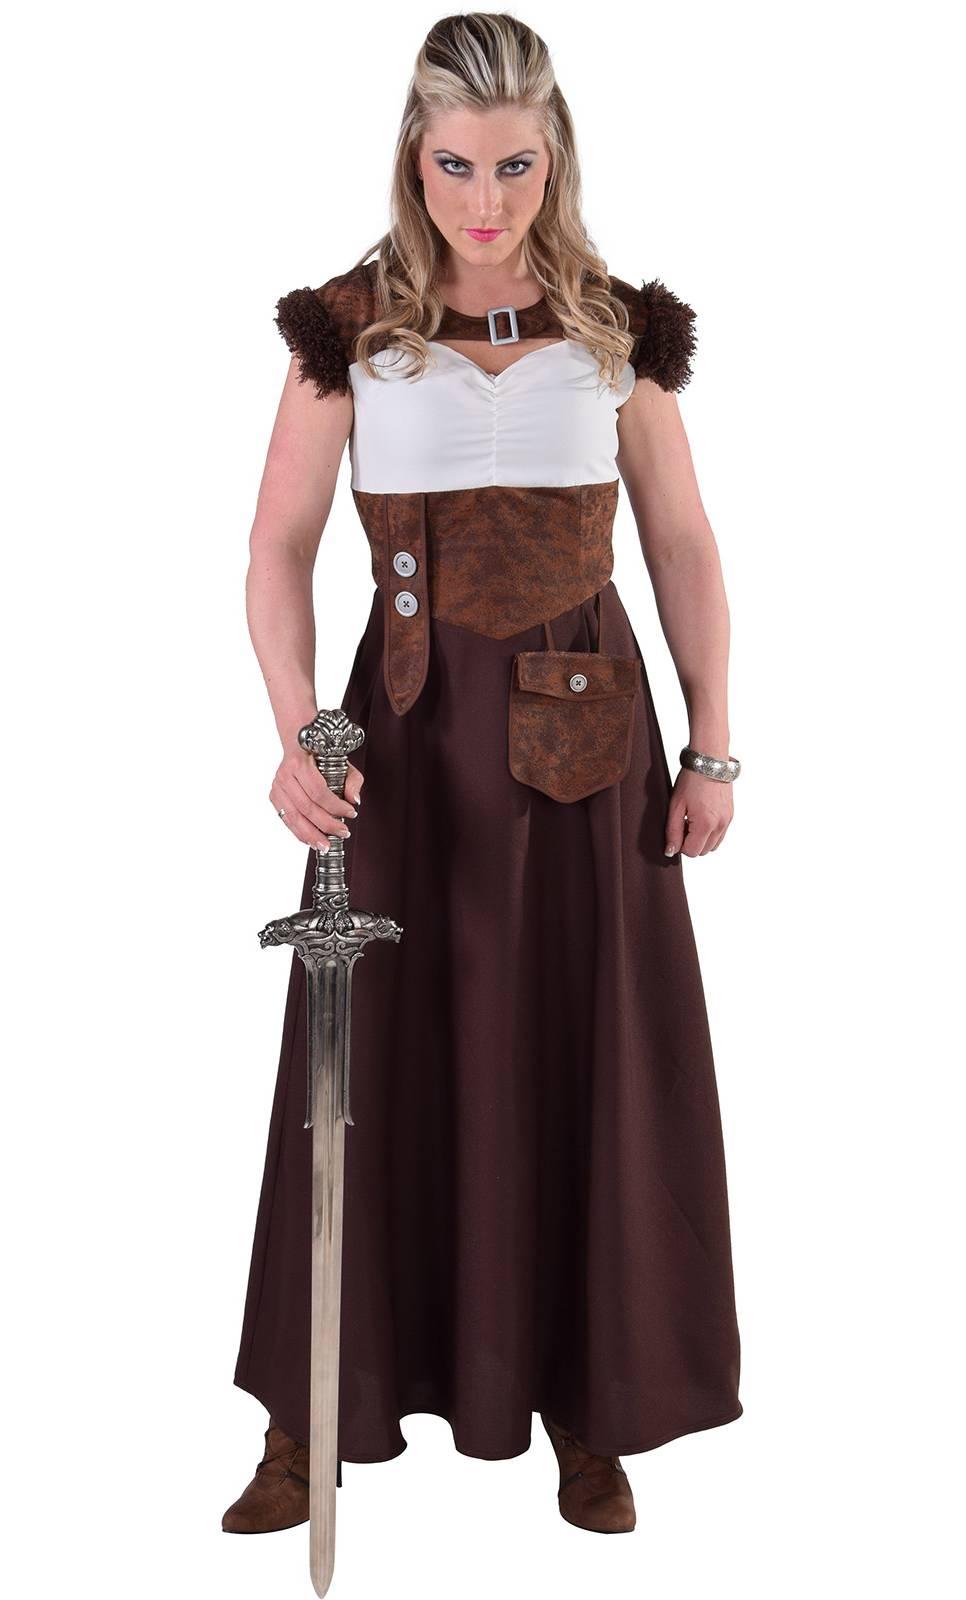 costume de viking femme w20192. Black Bedroom Furniture Sets. Home Design Ideas